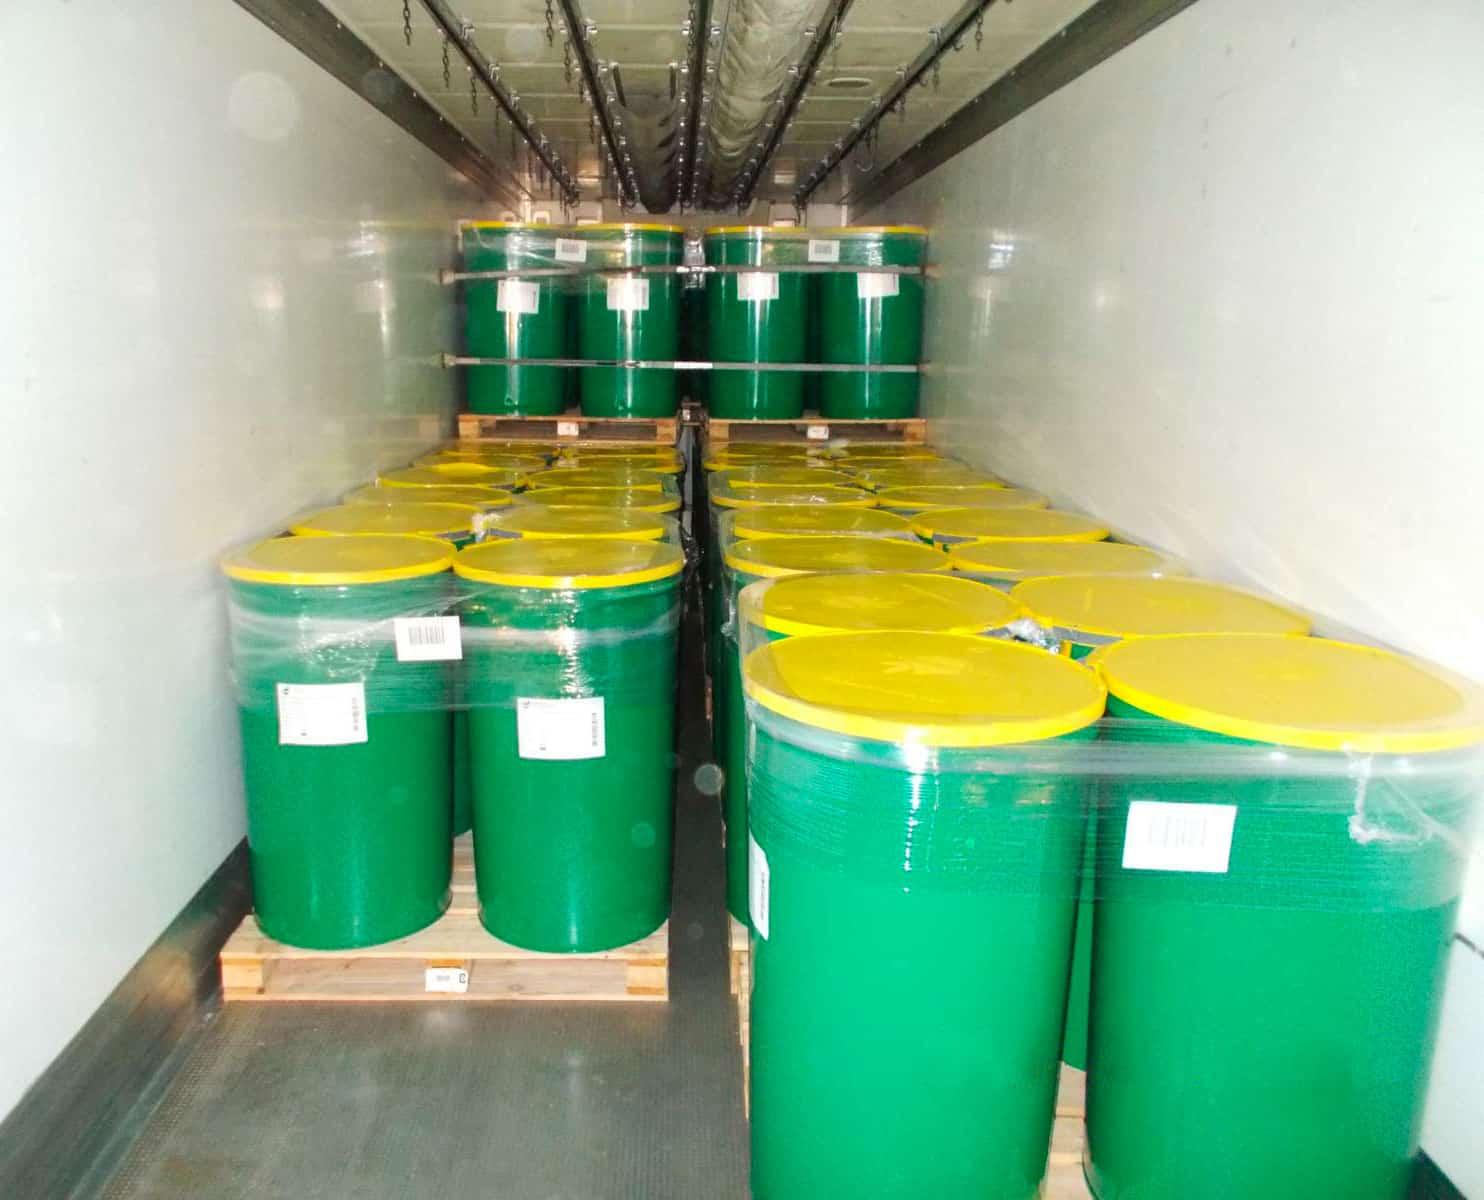 contenedores y embalajes limon concentrado